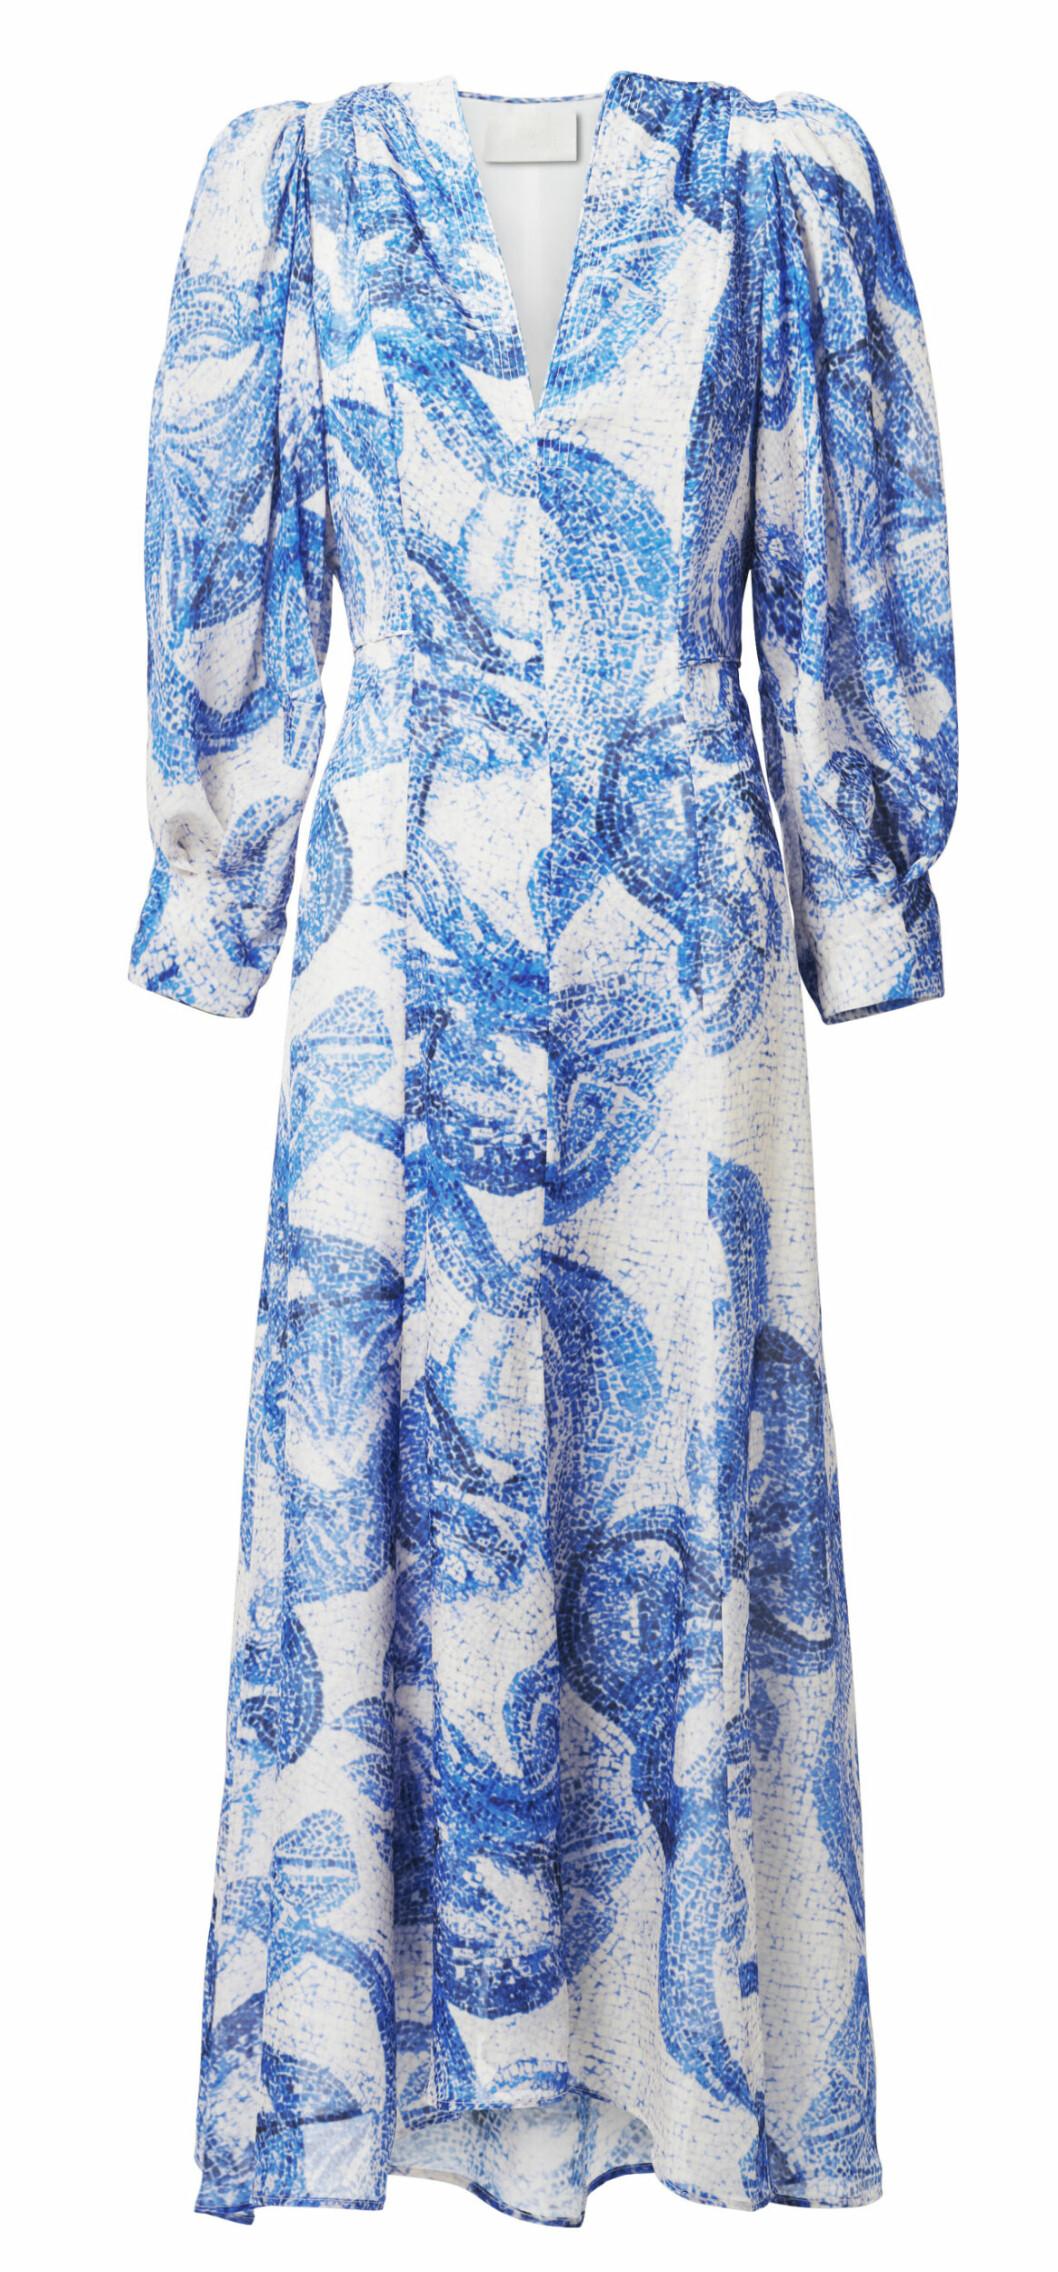 H&M conscious exclusive SS20 – blåvit långklänning